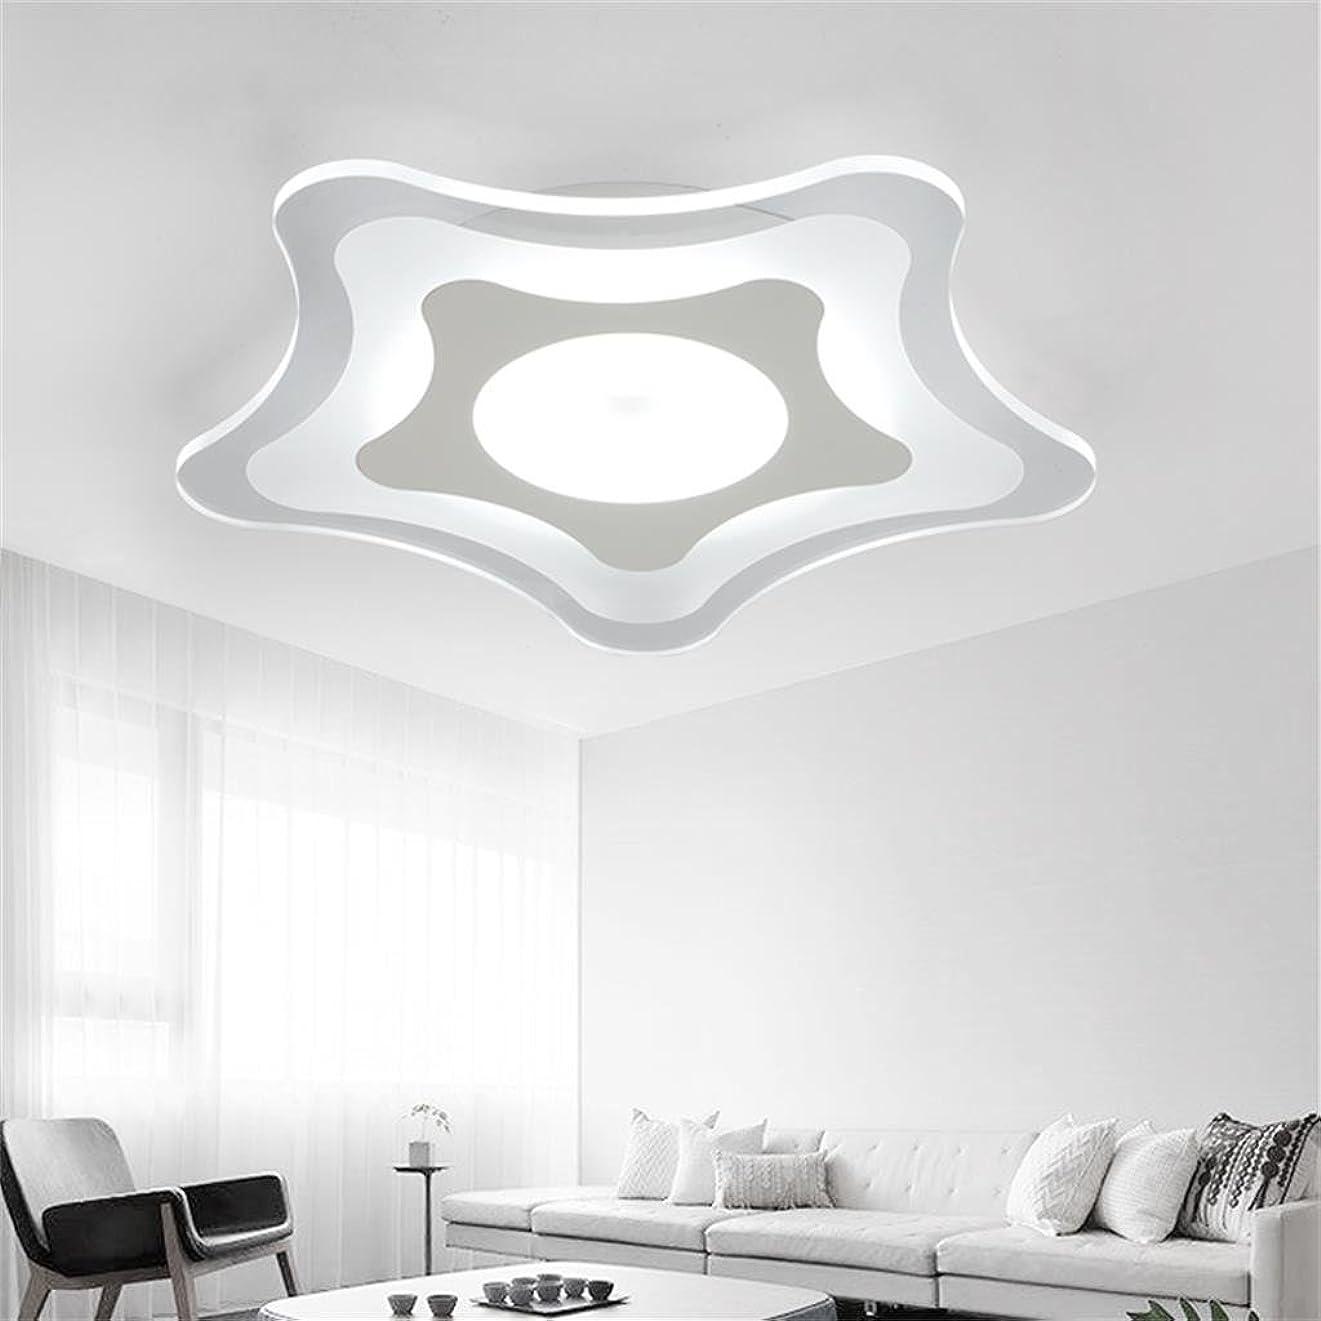 トークくびれた責YSYYSH 白色光の天井ランプなめらかなミニマリストのリビングルームランプベッドルームランプ快適なキッチンバルコニーダイニングルームランプ子供の寝室の天井ランプ 寝室の装飾ライト